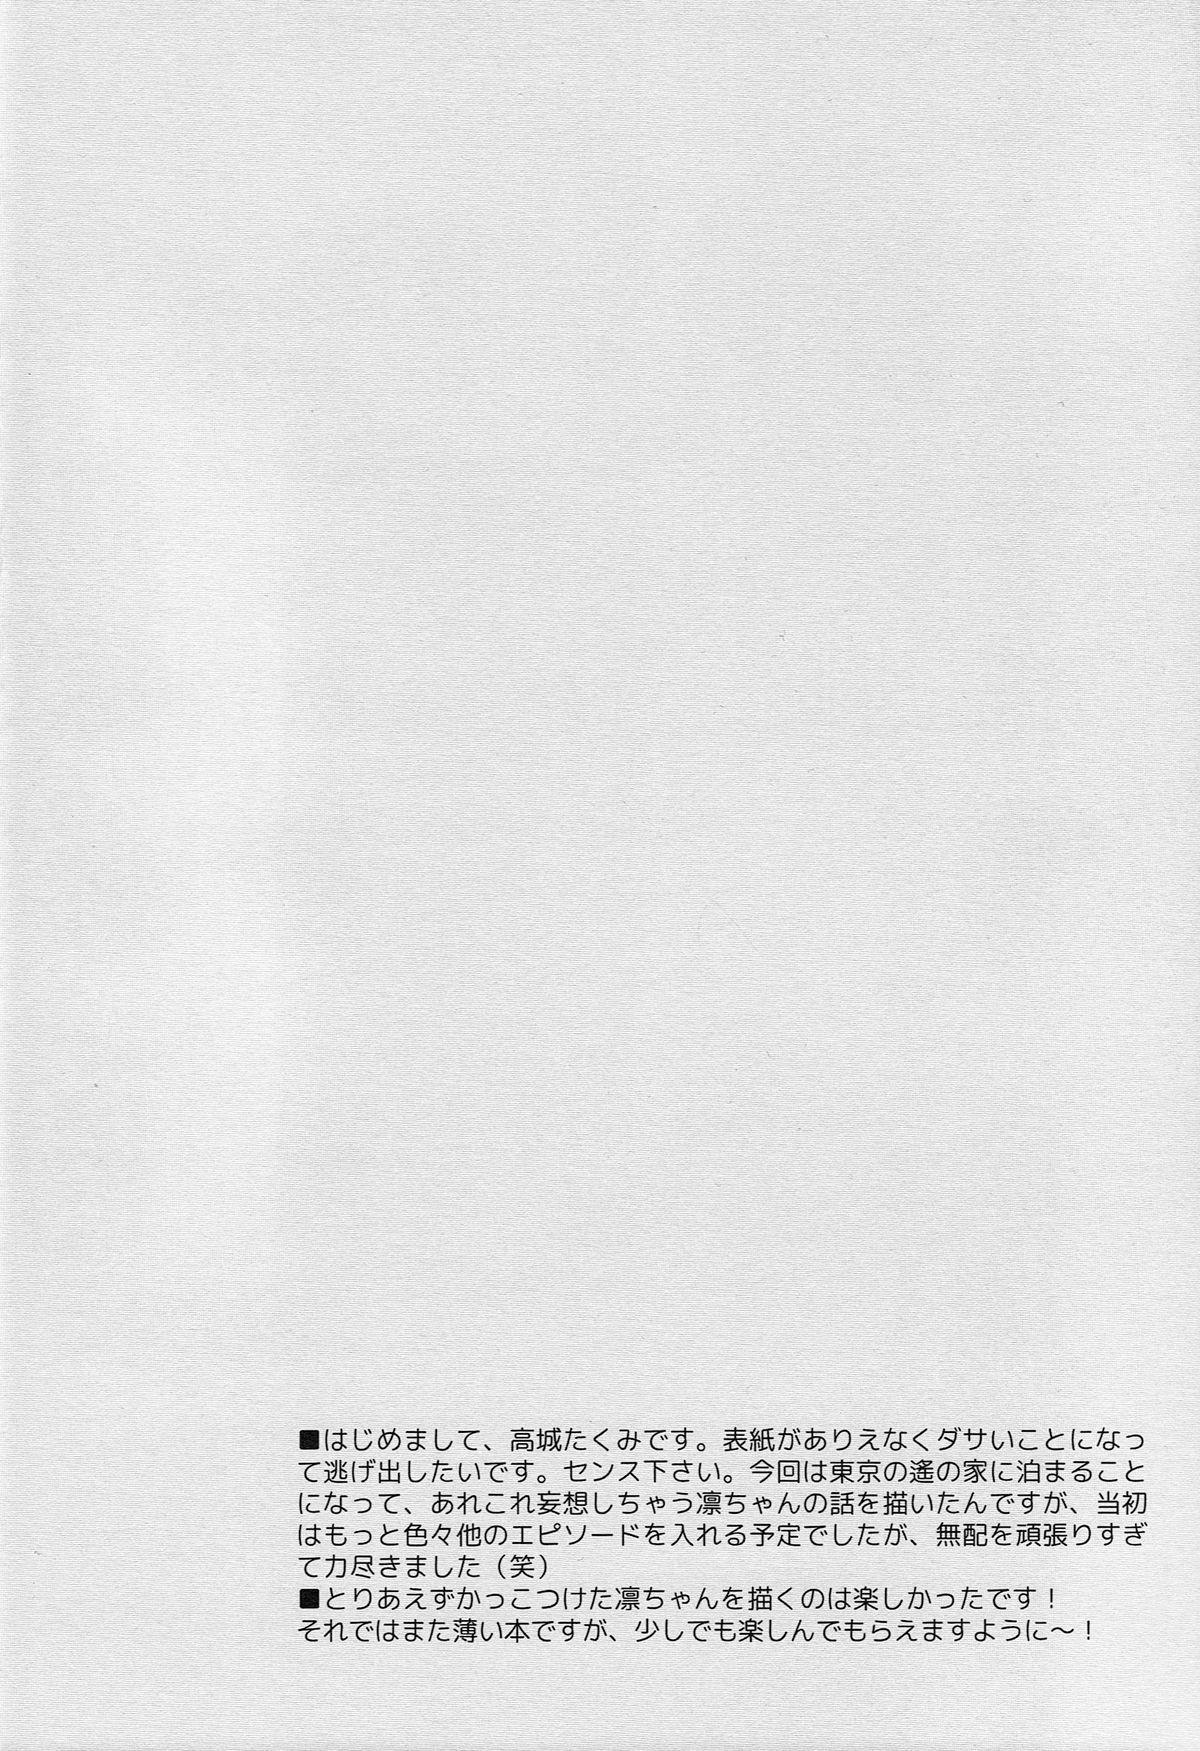 Matsuoka Rin no Shinkon Seikatsu 2